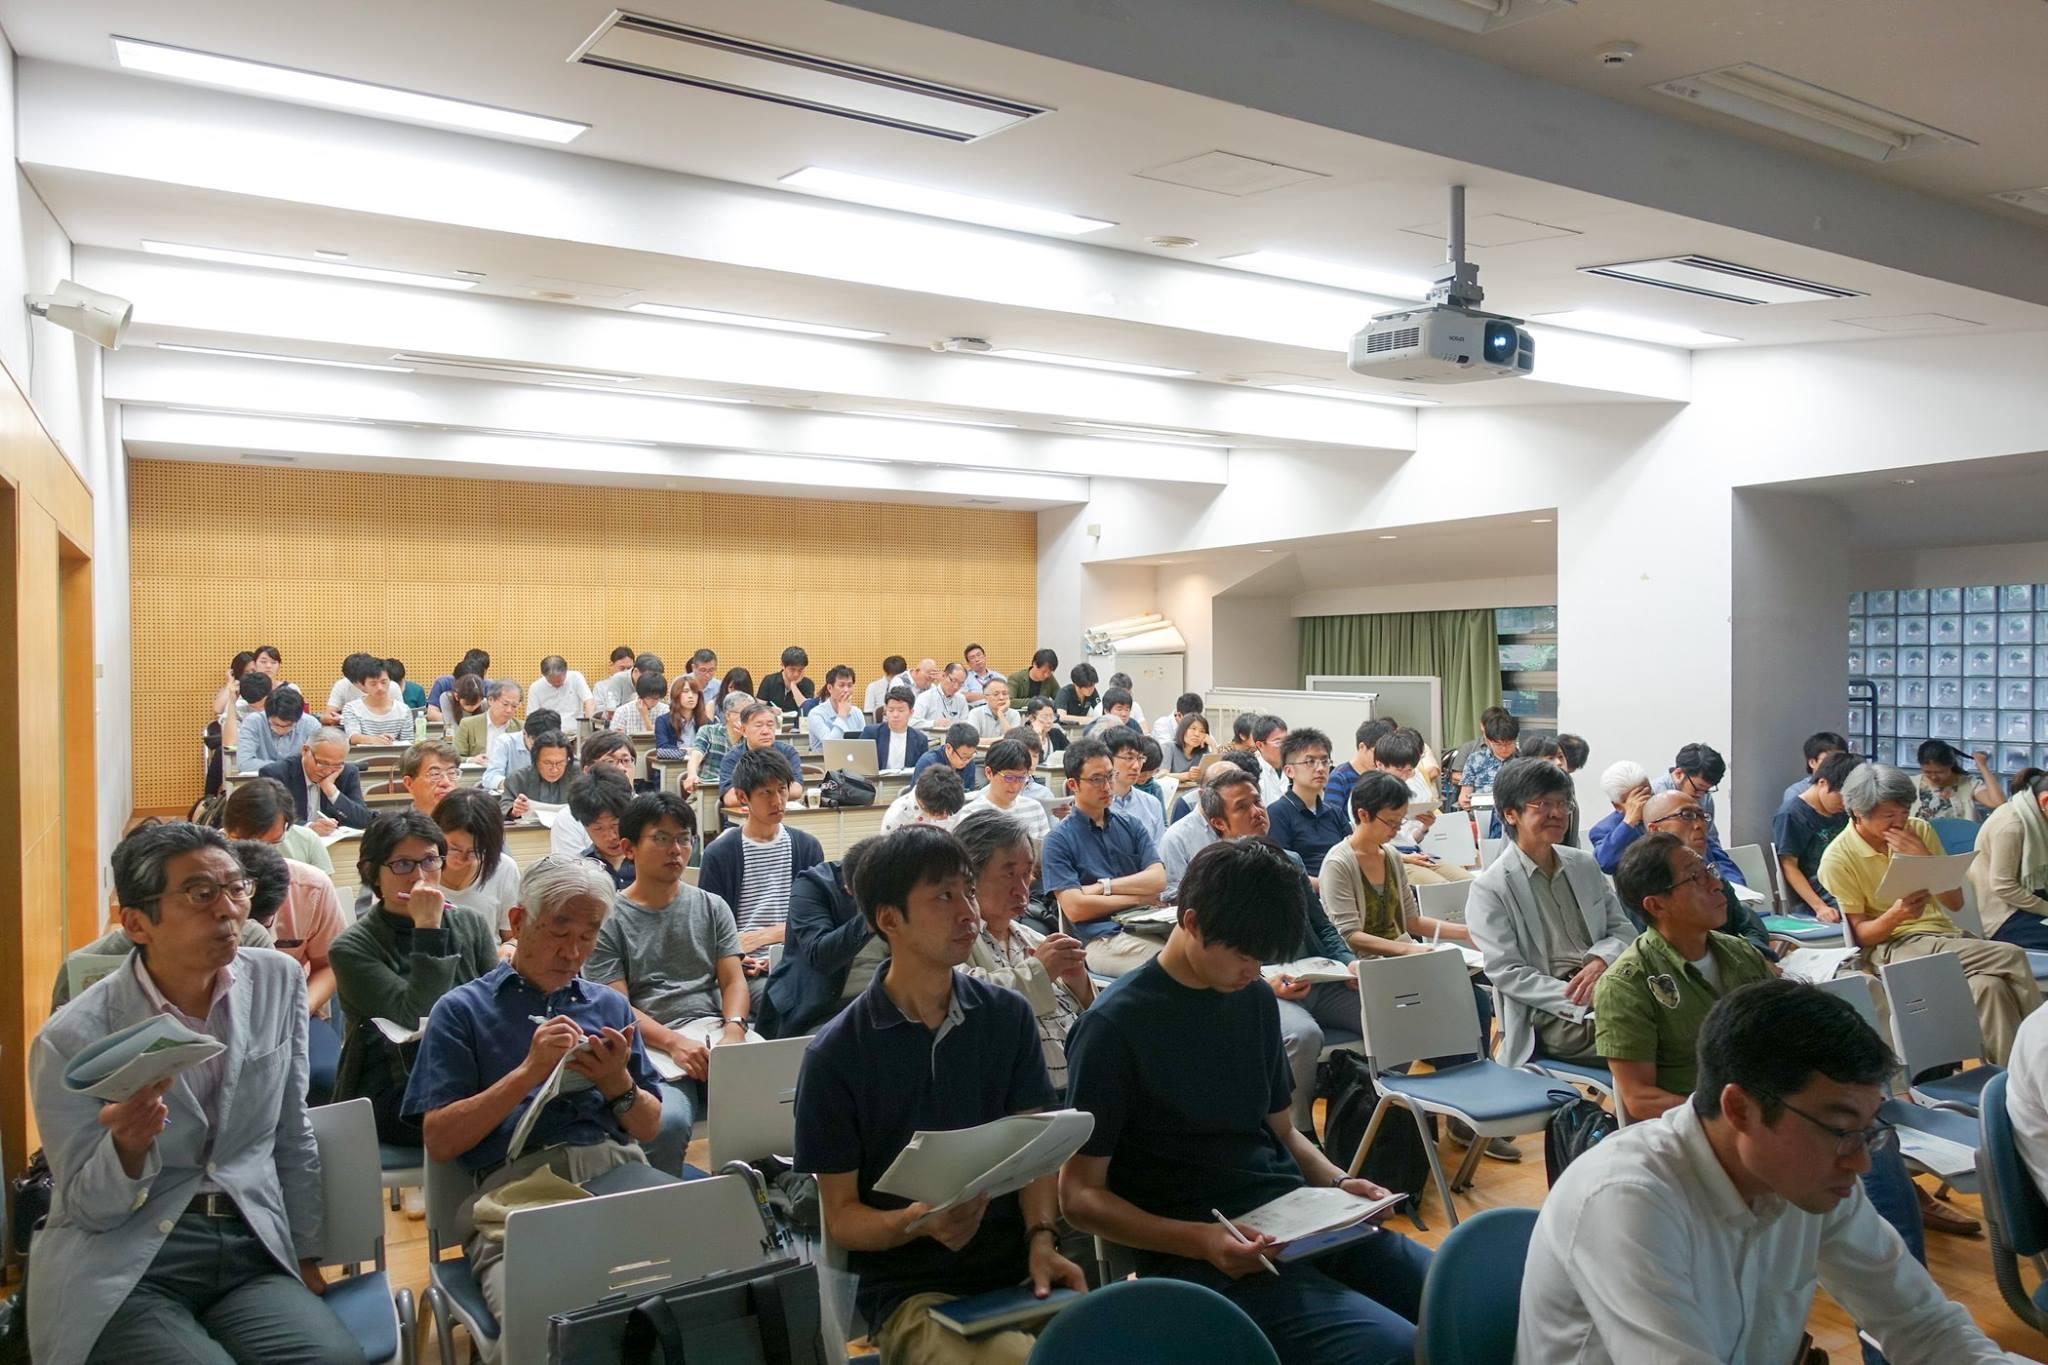 170625_1_audience.jpg